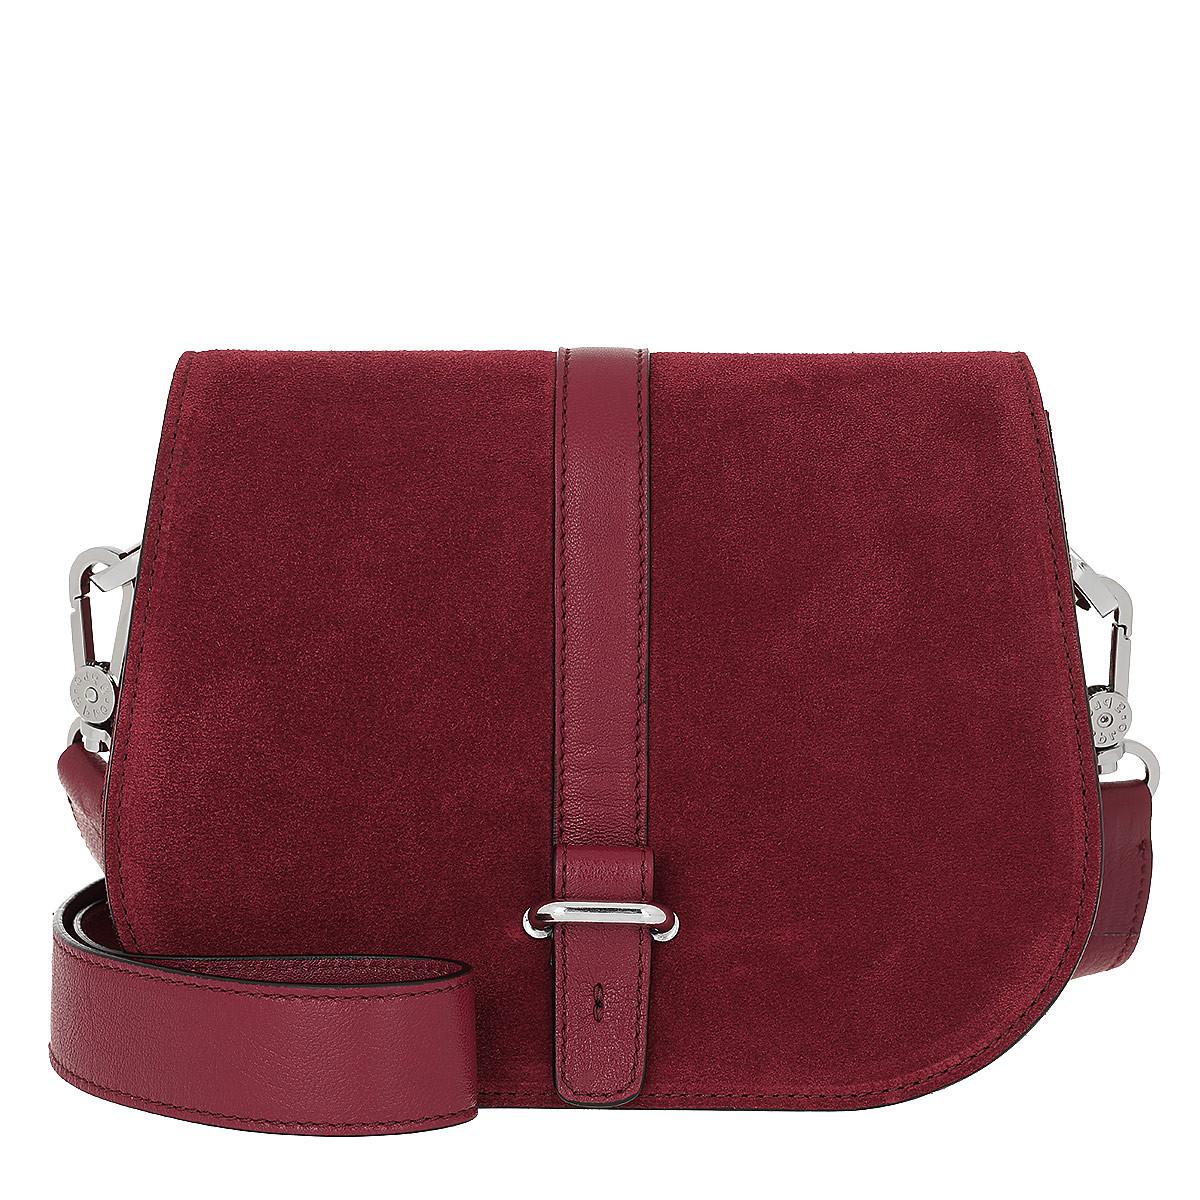 Abro Umhängetasche - Suede Crossbody Bag Ruby - in rot - für Damen